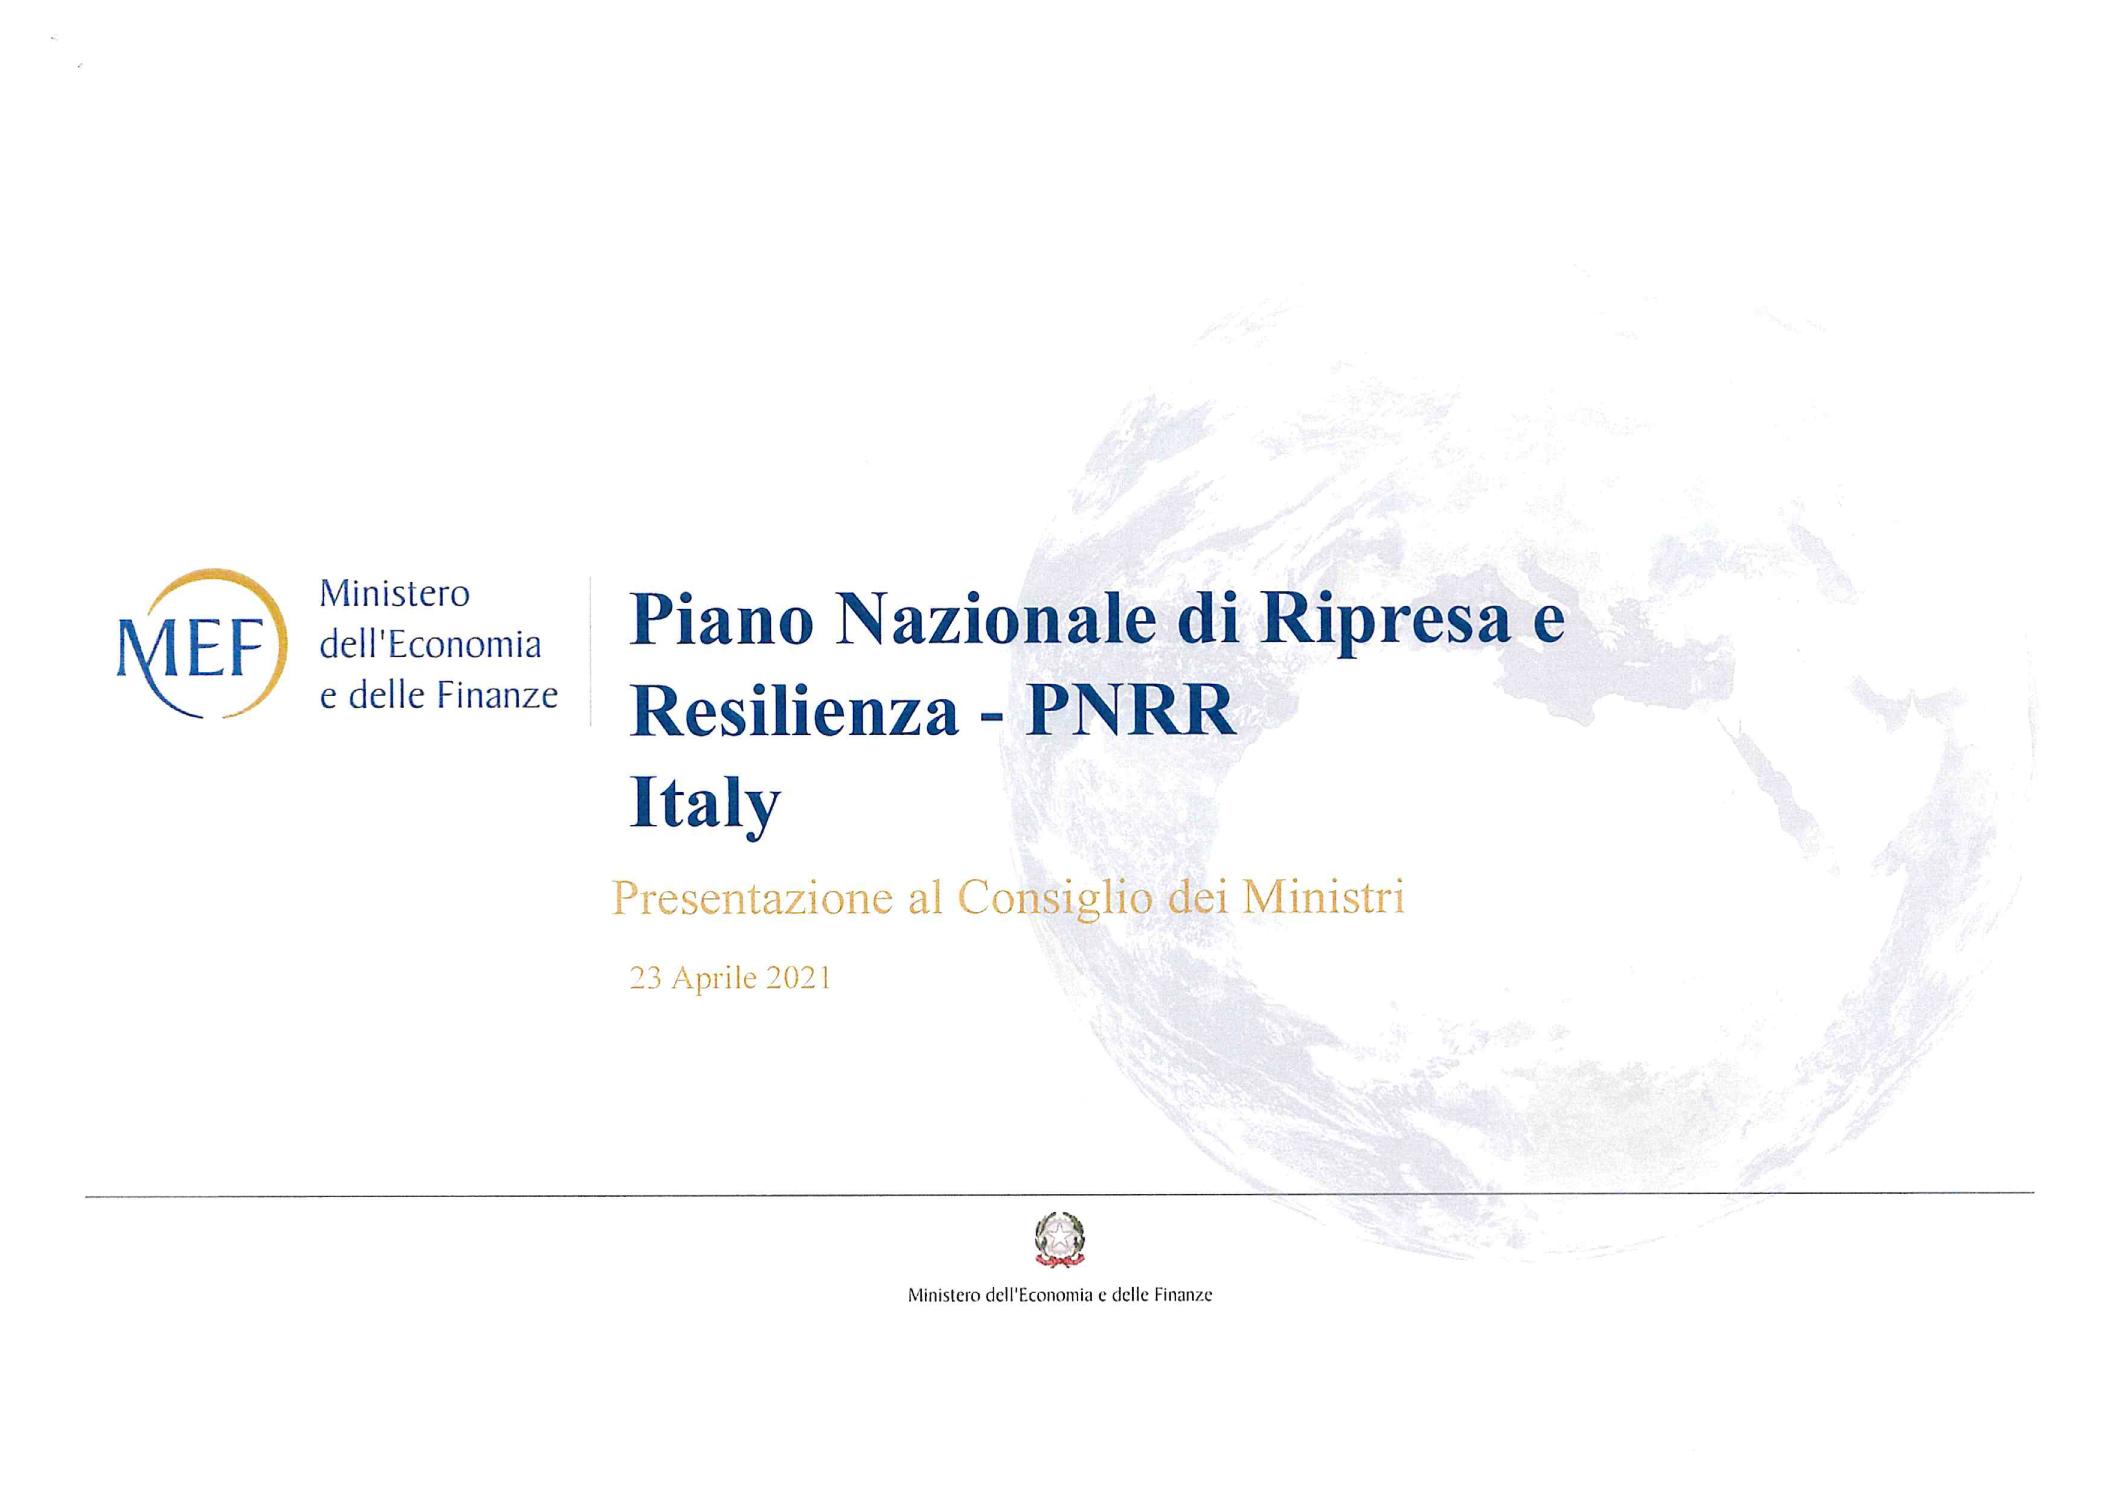 PNRR presentazione 22 aprile 2021